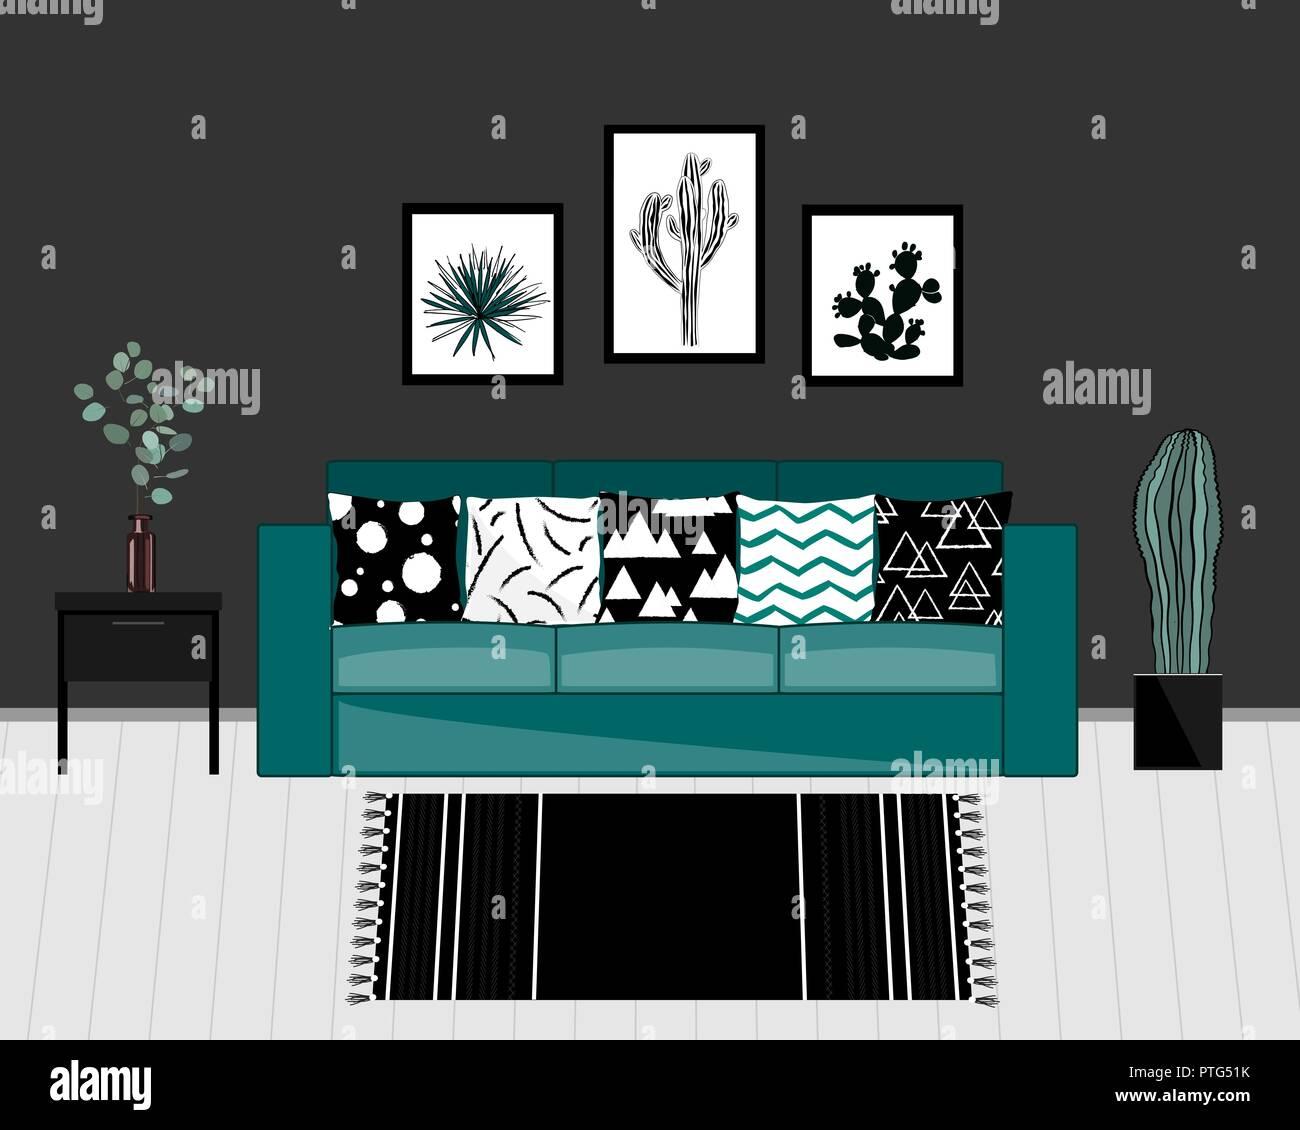 Wohnzimmer Einrichtung Im Skandinavischen Stil Mit Schwarzen Und